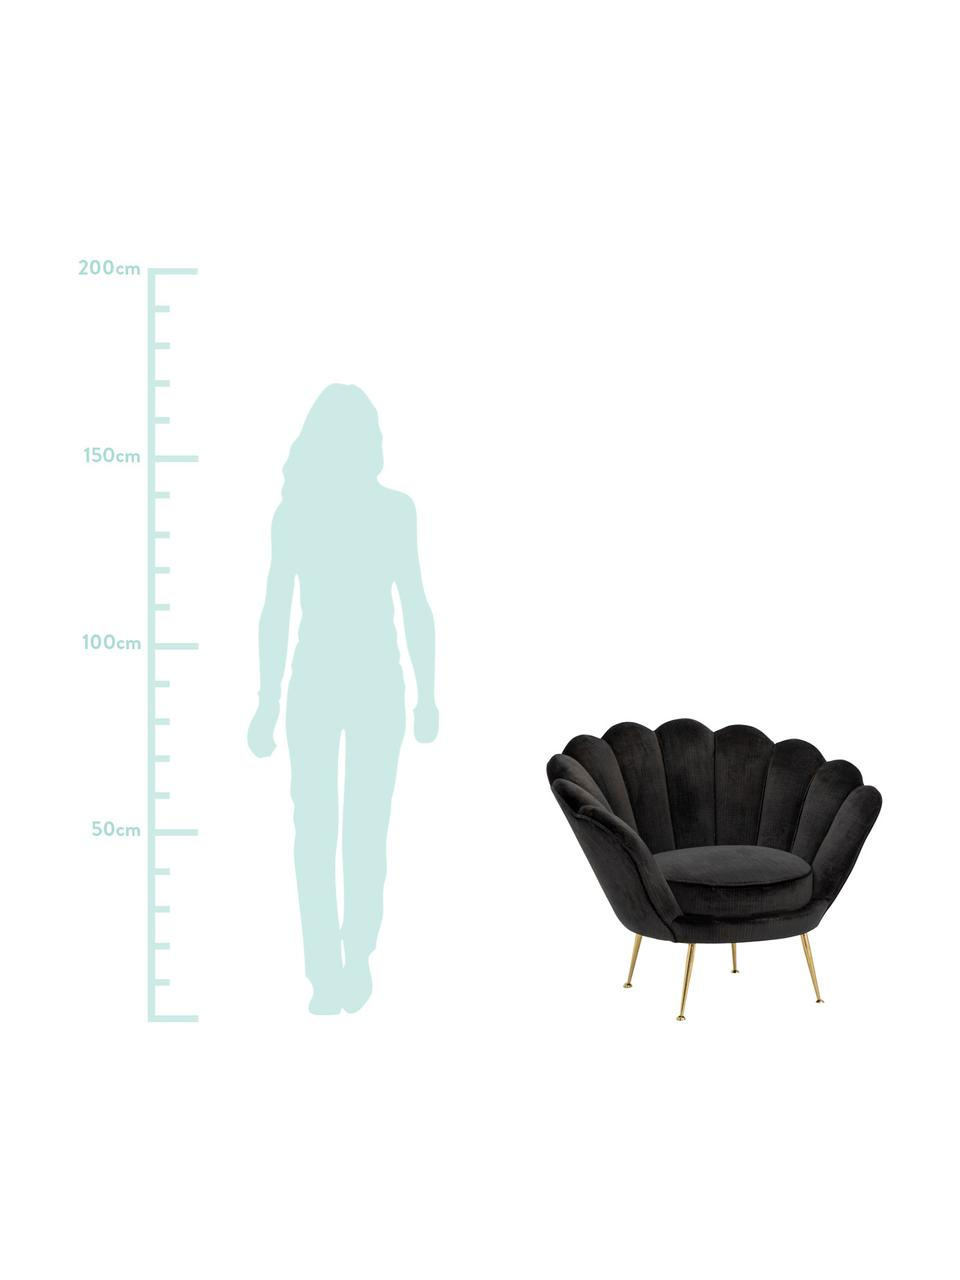 Samt-Cocktailsessel Trapezium in Schwarz, Bezug: 70% Viskose, 30% Polyeste, Füße: Metall, beschichtet, Samt Schwarz, B 97 x T 79 cm